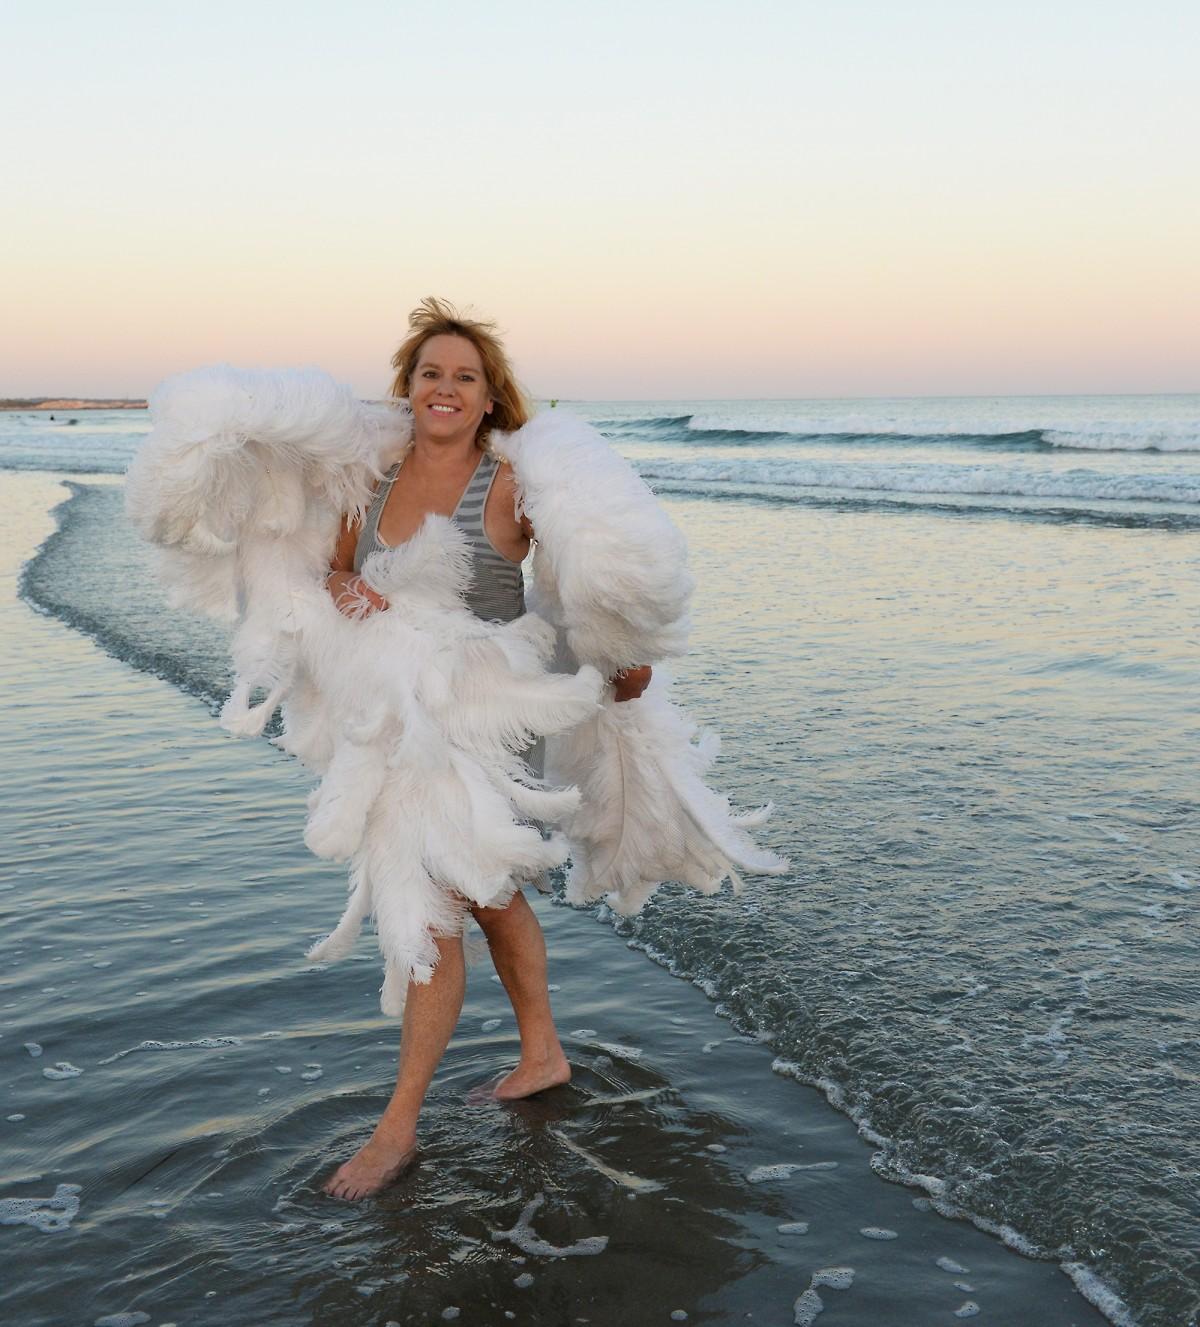 Порно ангел на фоне моря фото